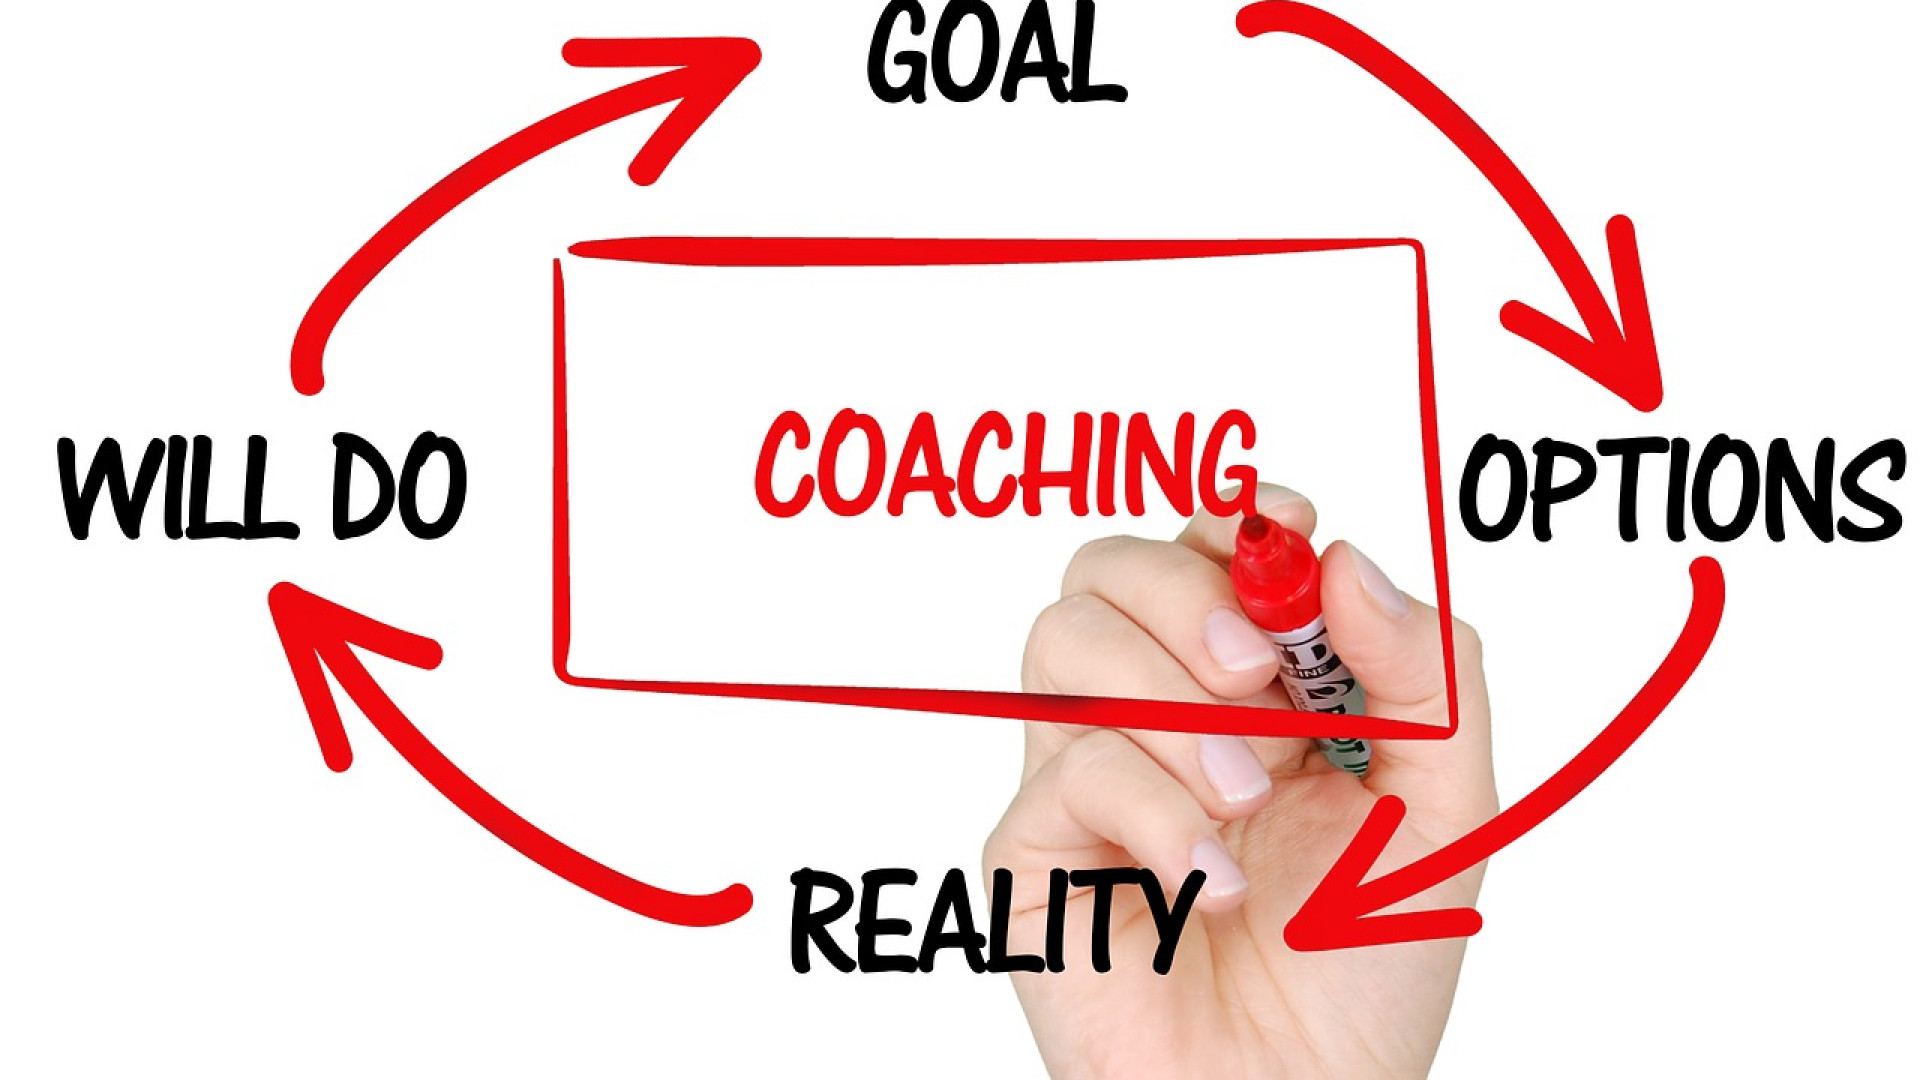 Développement personnel : une nouvelle vie grâce au coaching ?